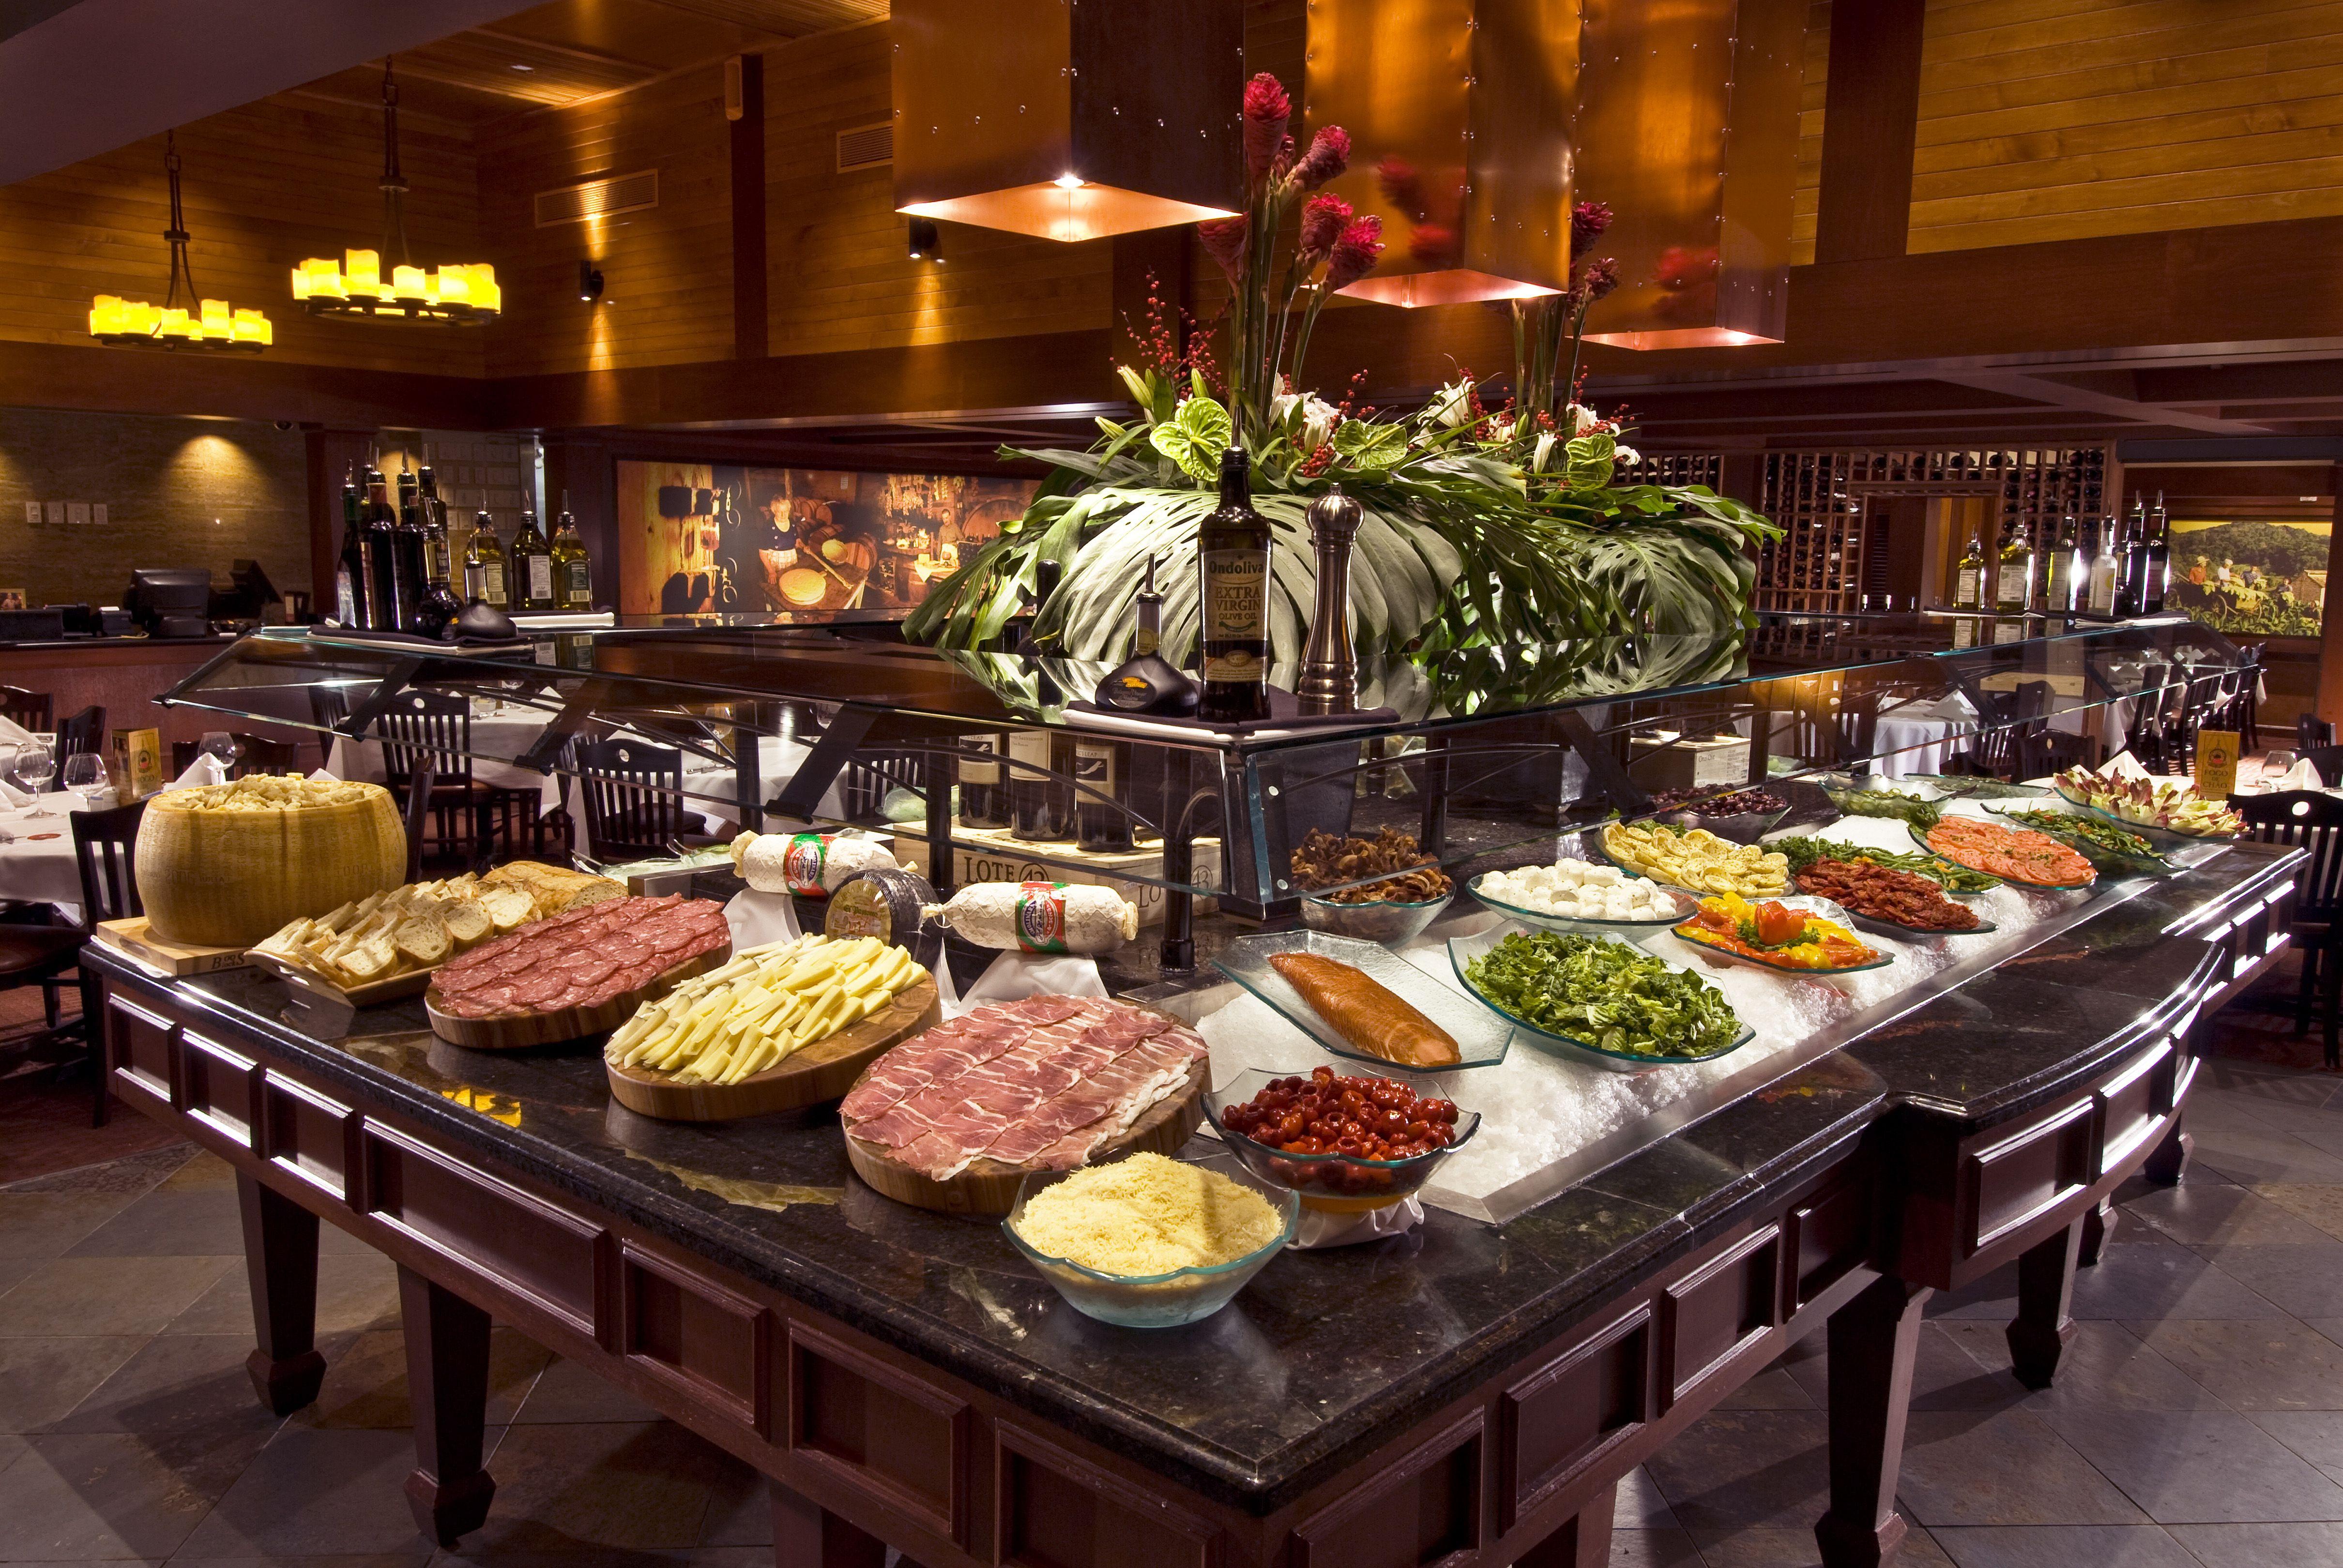 吃货小分队 - 2015餐厅周Dine LA怎么吃最划算?用$$的价钱吃 ...